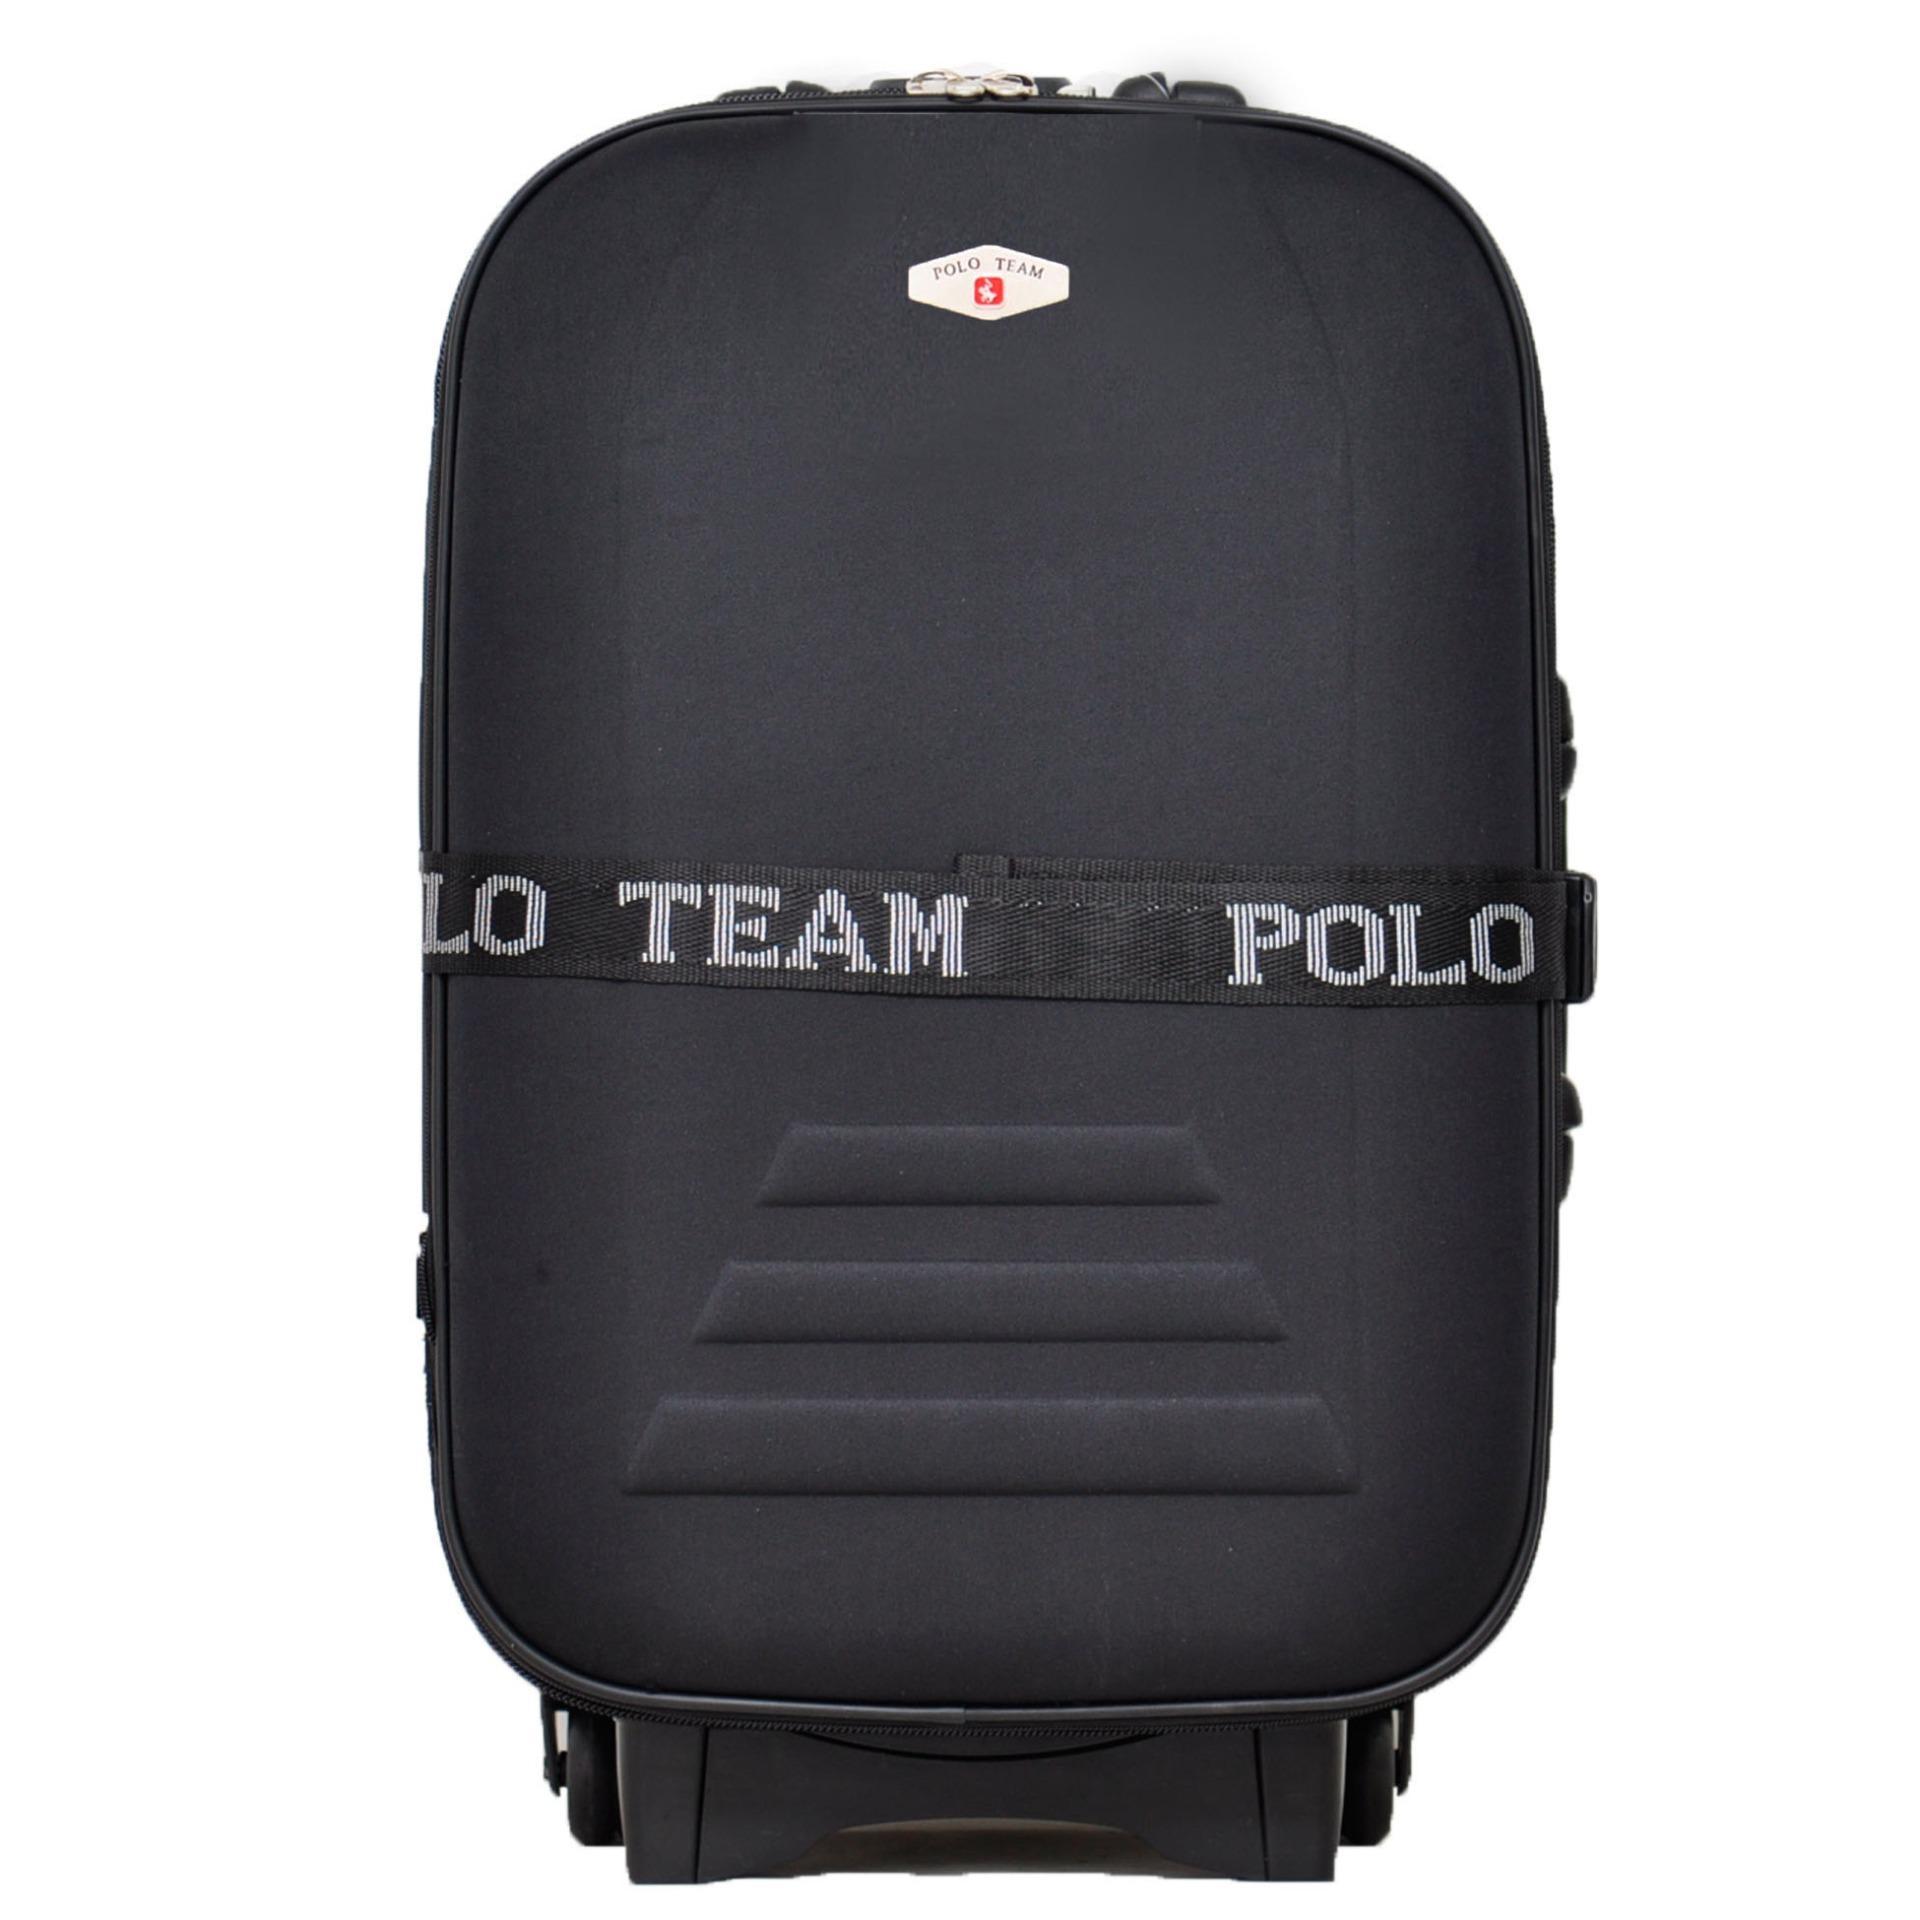 Harga Polo Team 967 Koper Kabin Size 20 Inch Gratis Pengiriman Jabodetabek Hitam Paling Murah